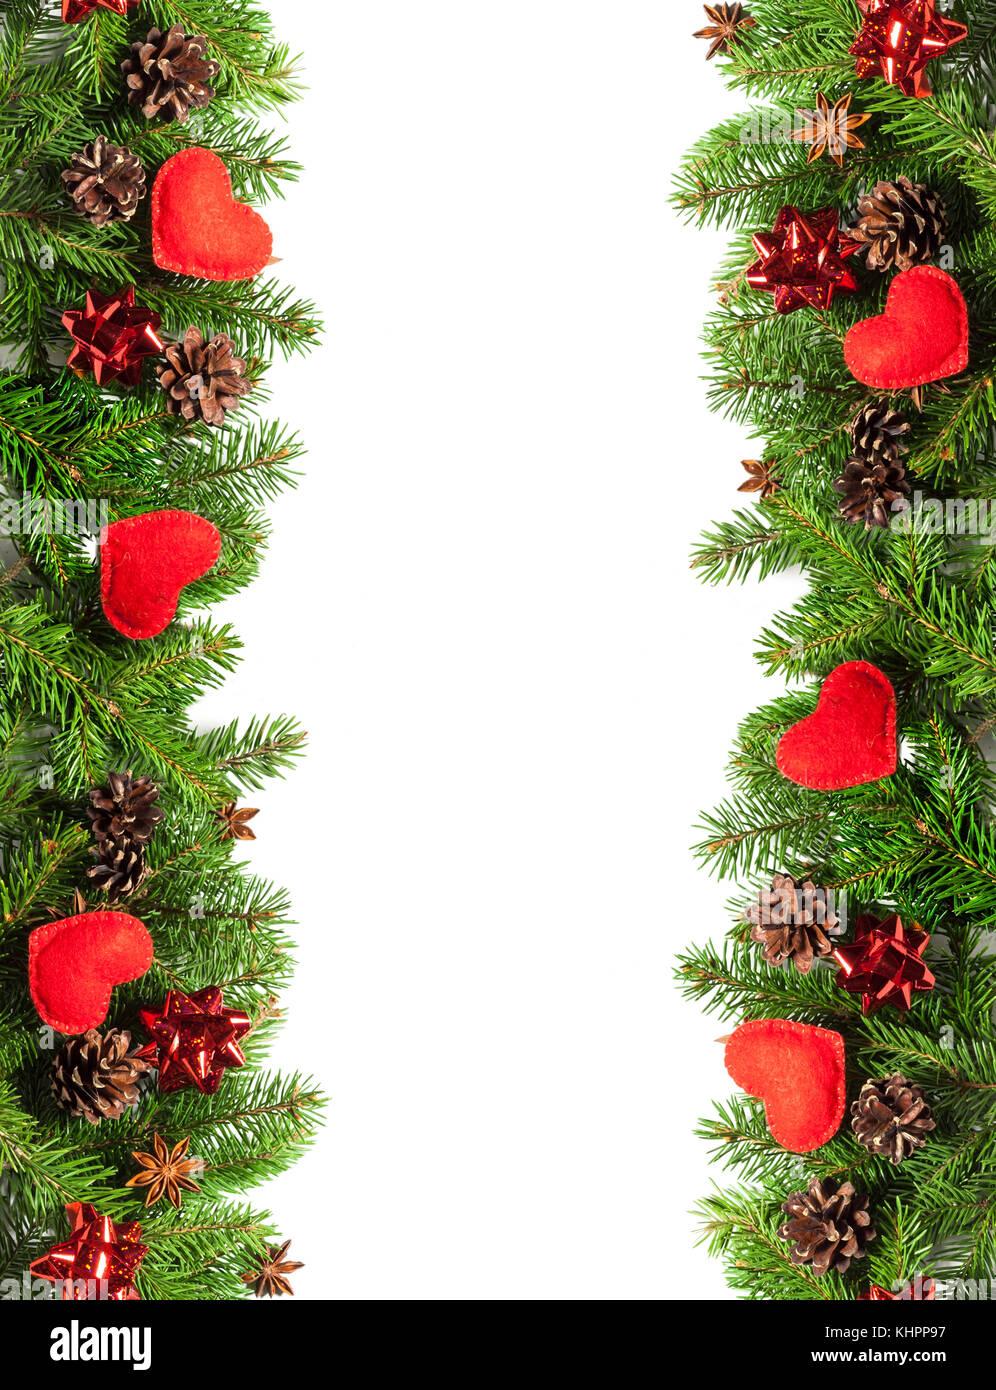 Plantilla De Arbol De Navidad. Top Excellent Elegant Finest ...